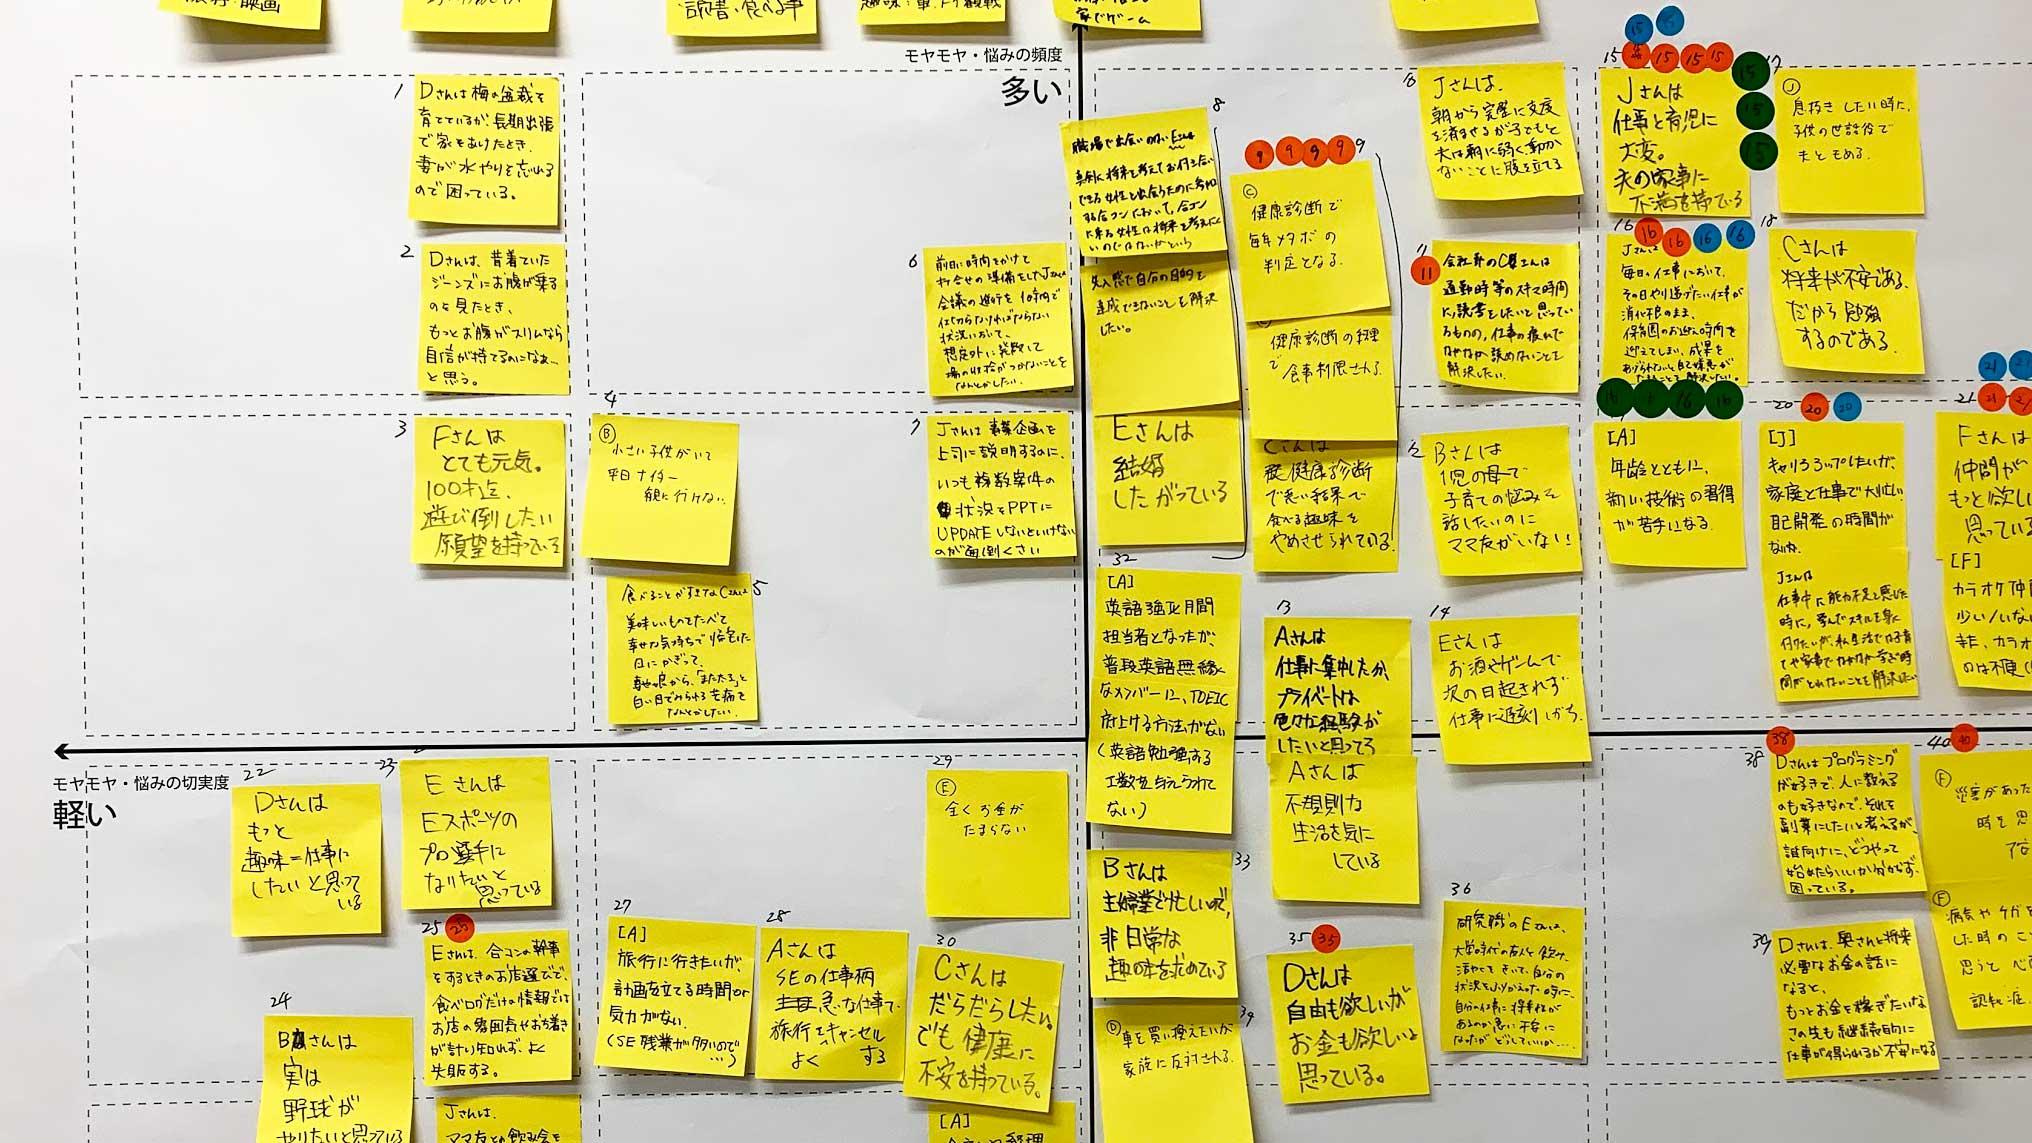 デザインスプリント3.0のフェーズ1 : 理解する